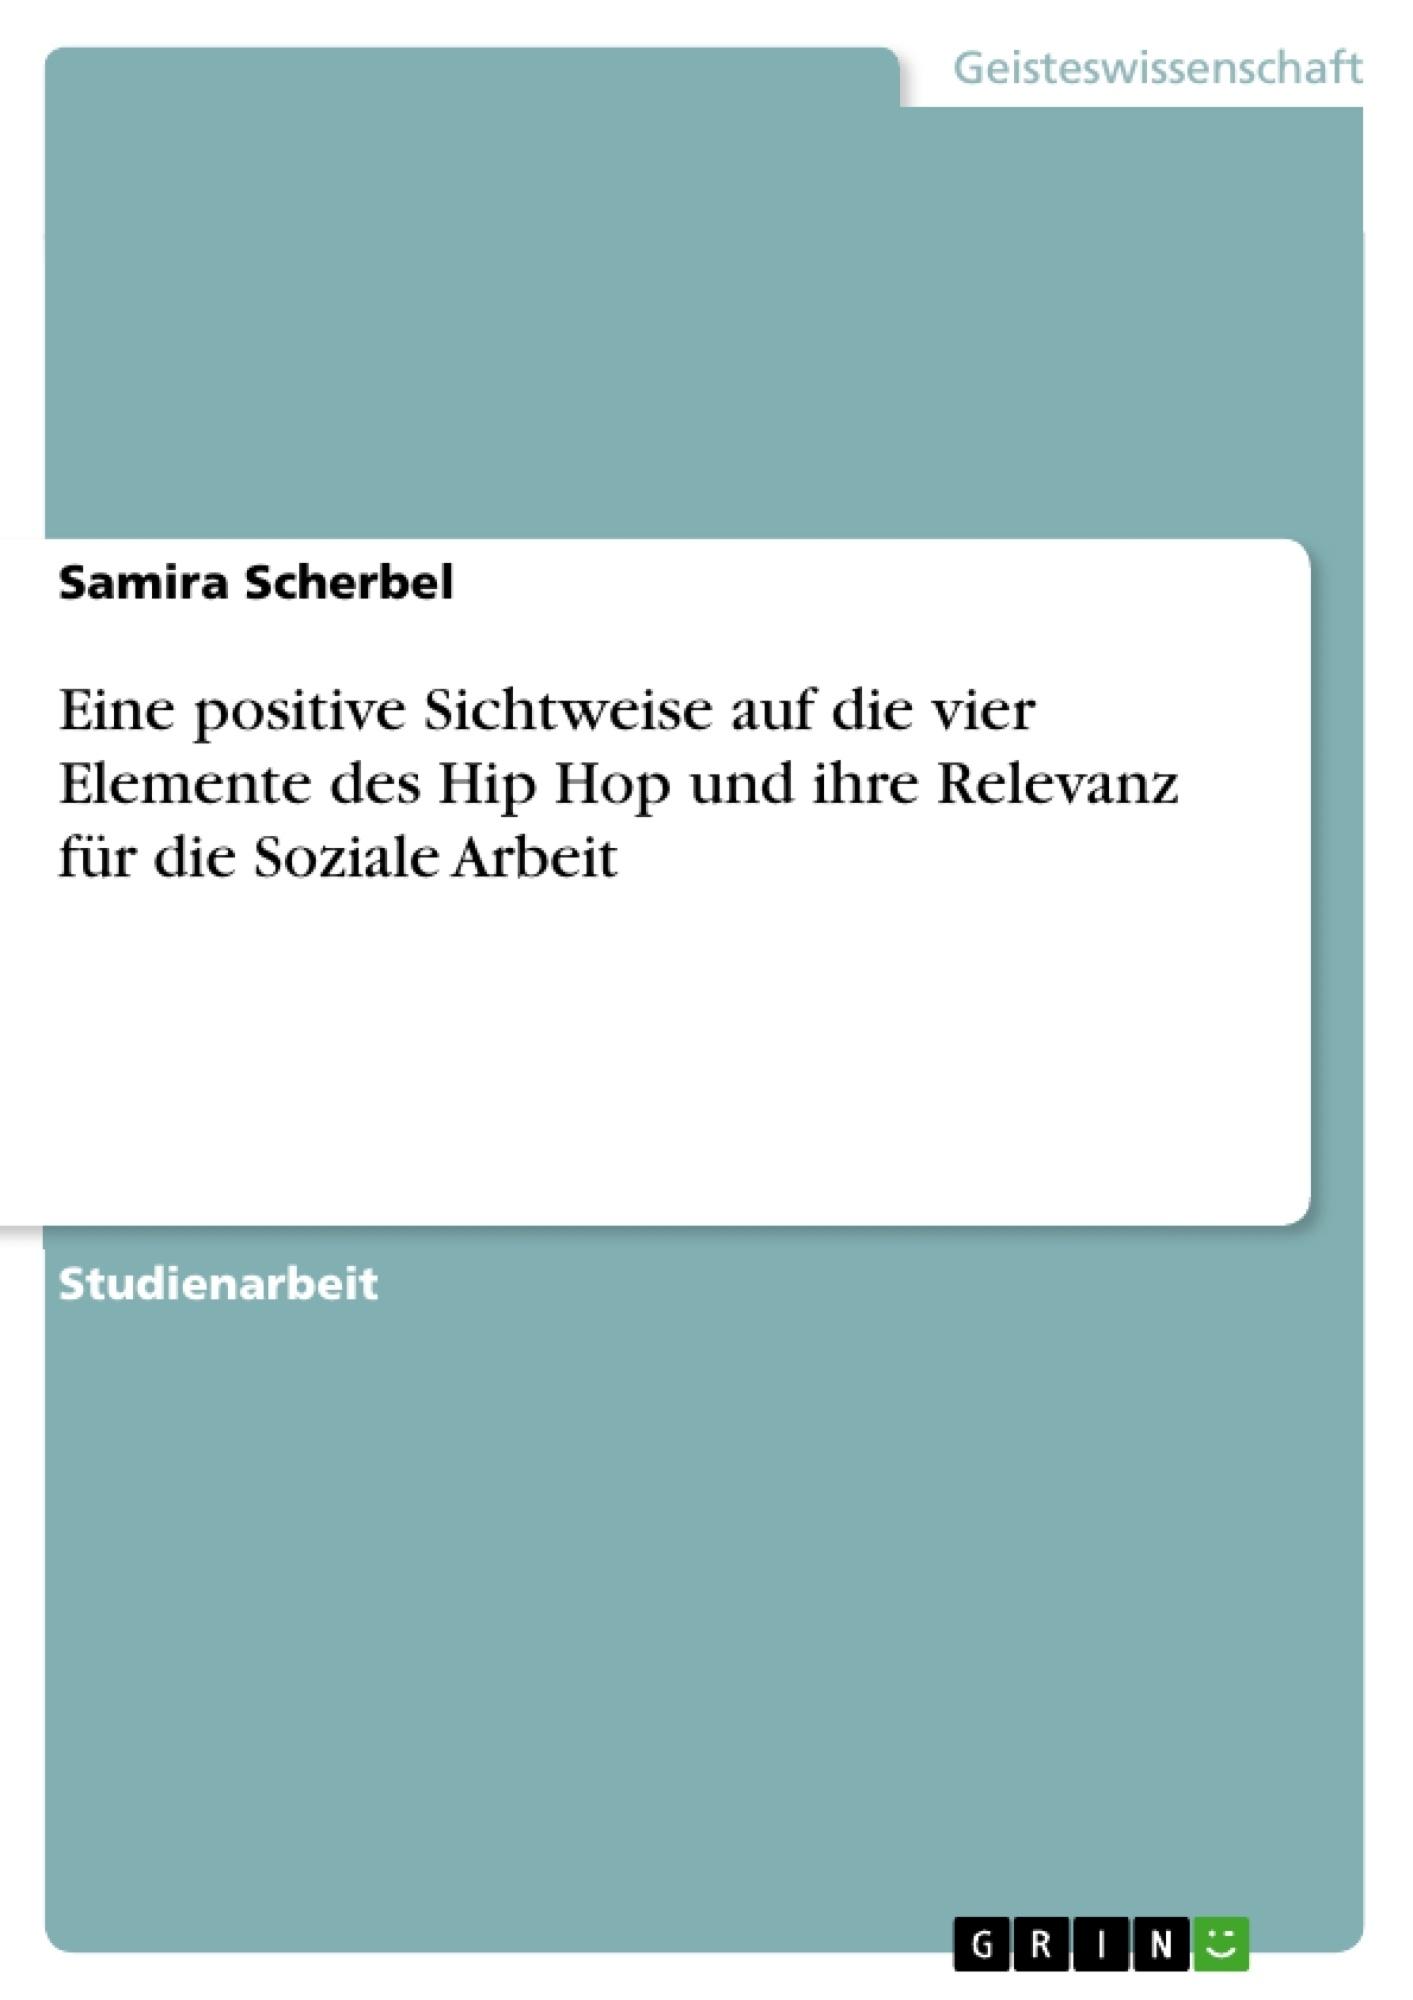 Titel: Eine positive Sichtweise auf die vier Elemente des Hip Hop und ihre Relevanz für die Soziale Arbeit